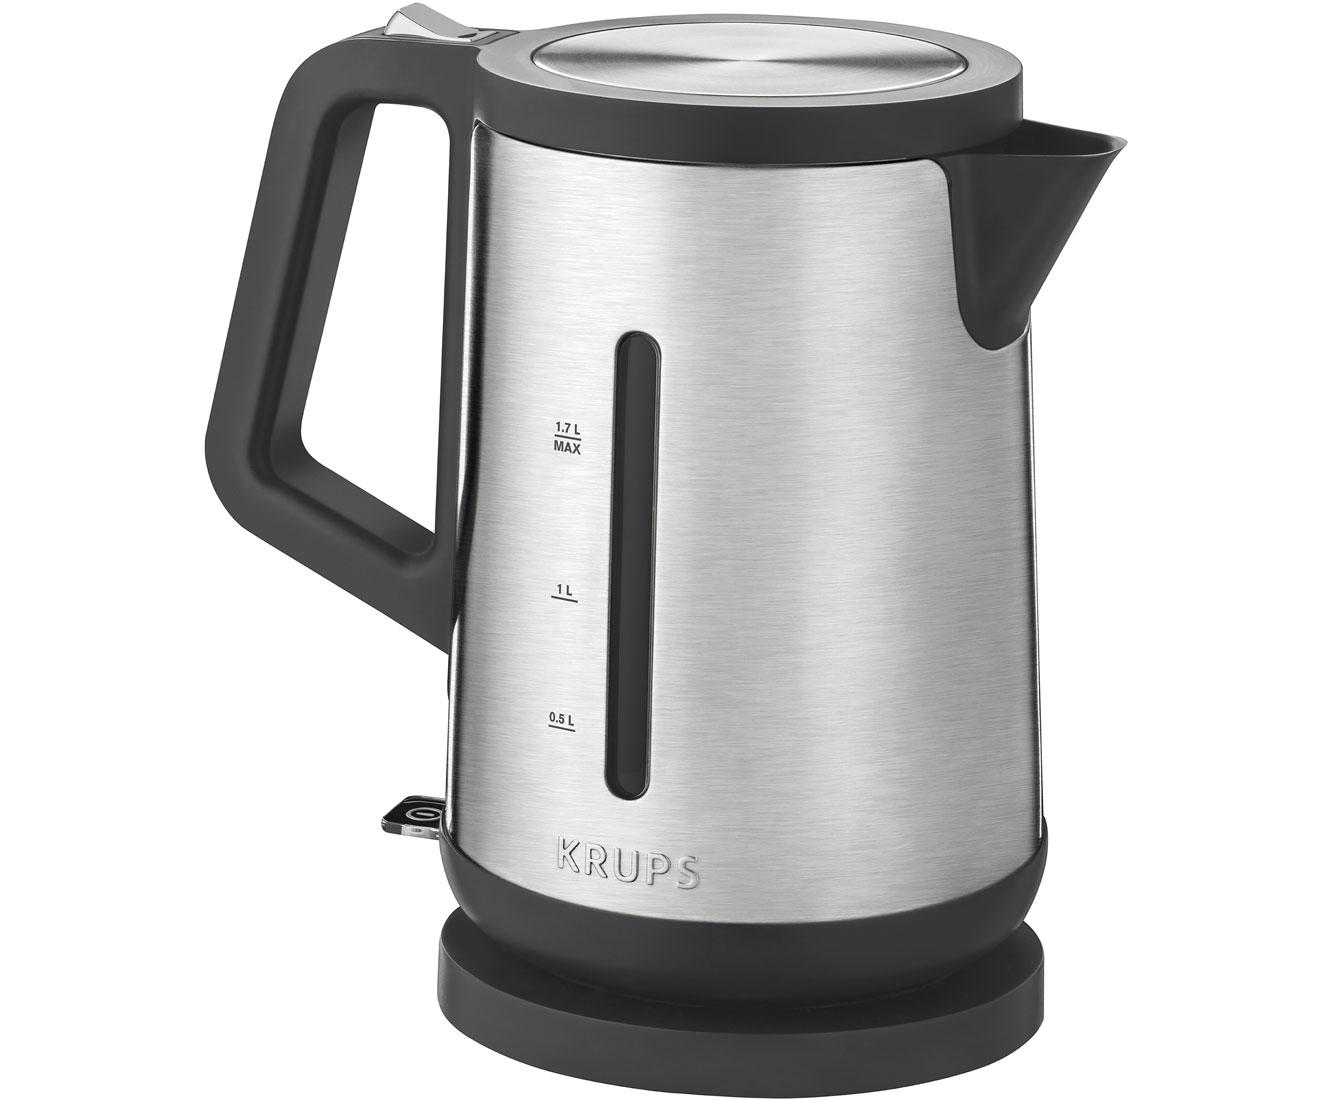 Krups BW 442 D Wasserkocher & Toaster - Schwarz   Küche und Esszimmer > Küchengeräte > Toaster   Schwarz   Krups